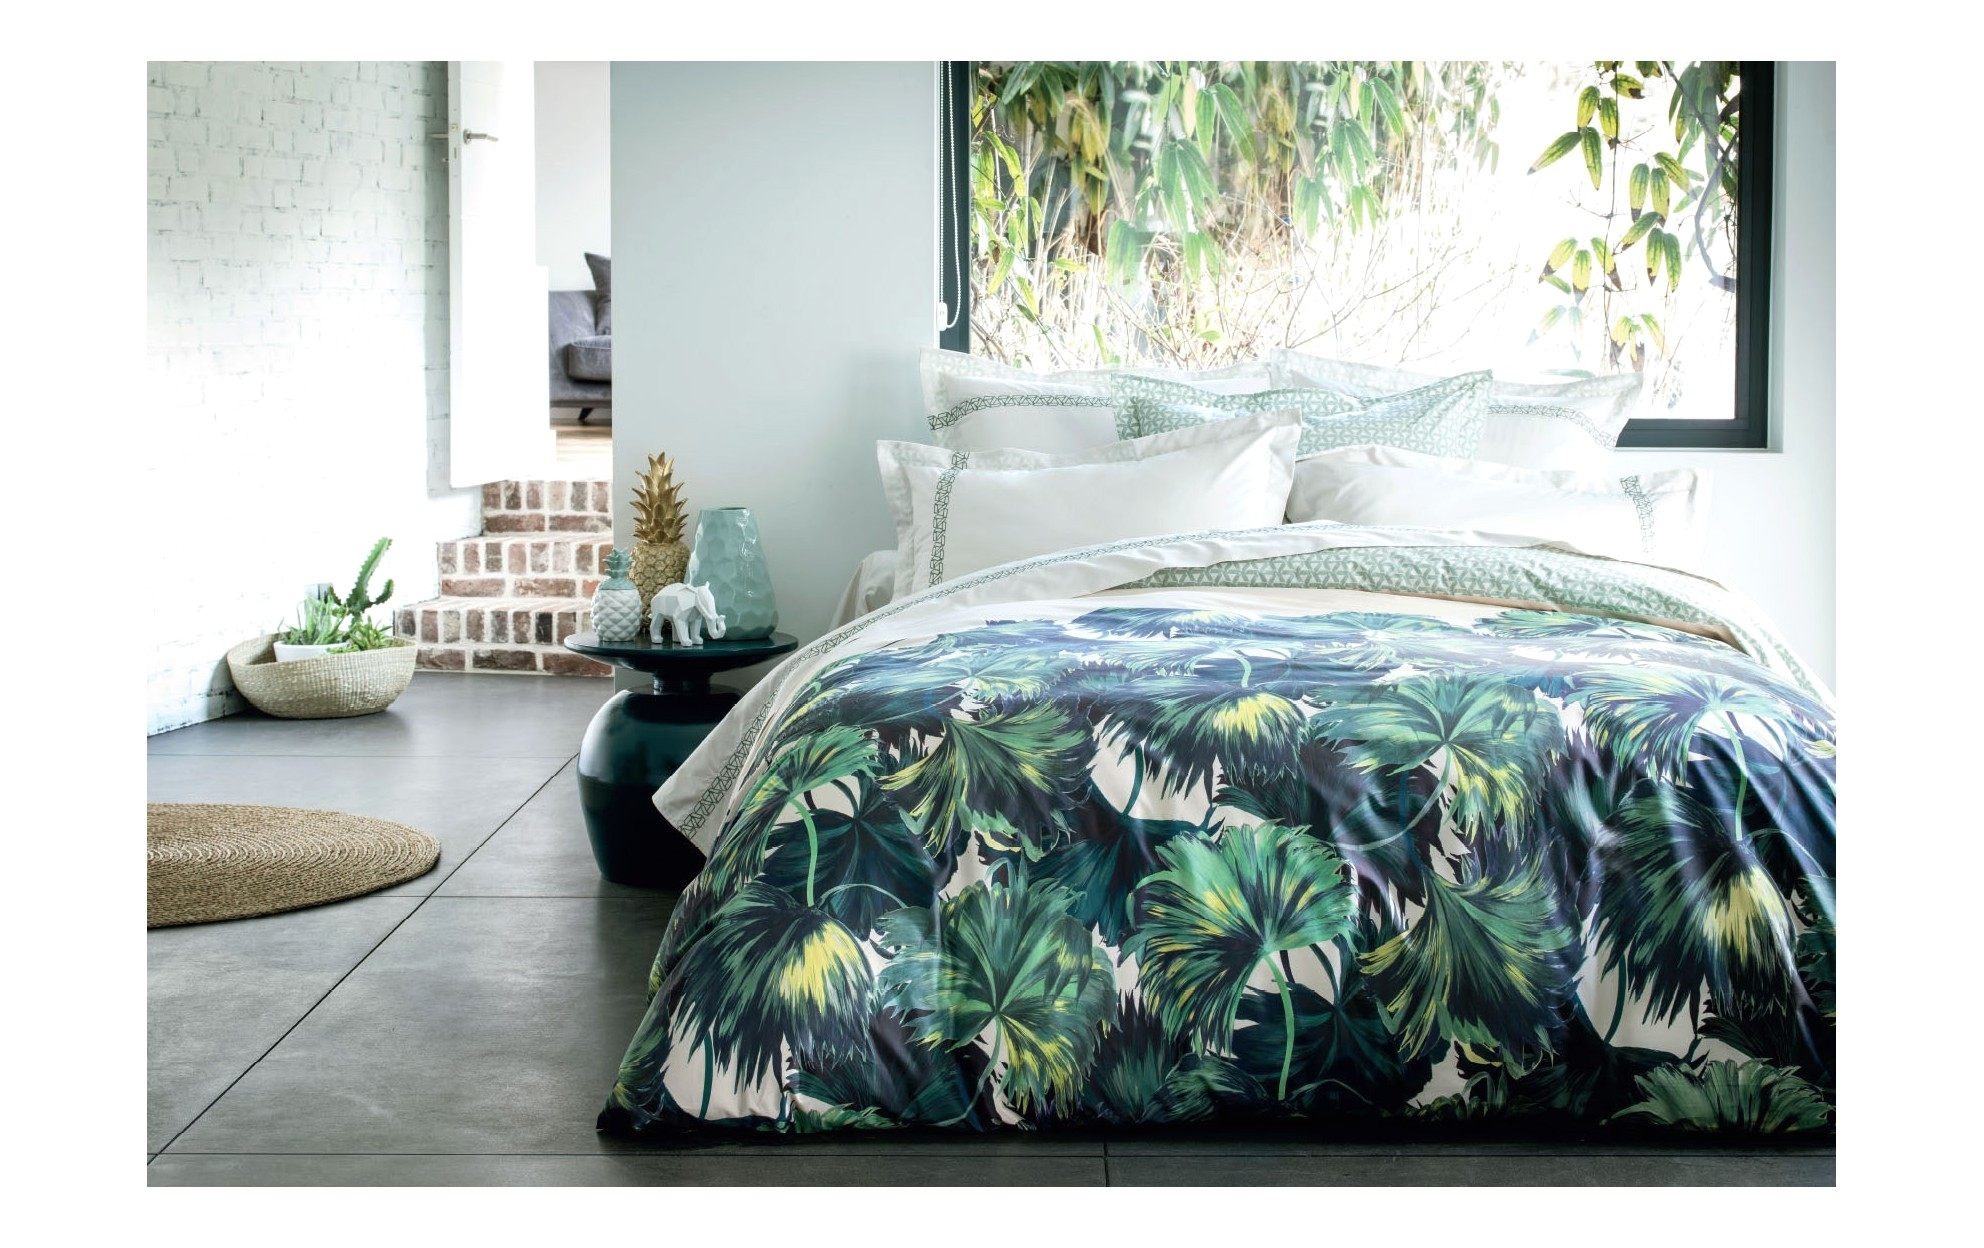 Linge De Lit Becquet Luxe D Co Want Une Couette Jungle Housse De Couette Tropical Couette